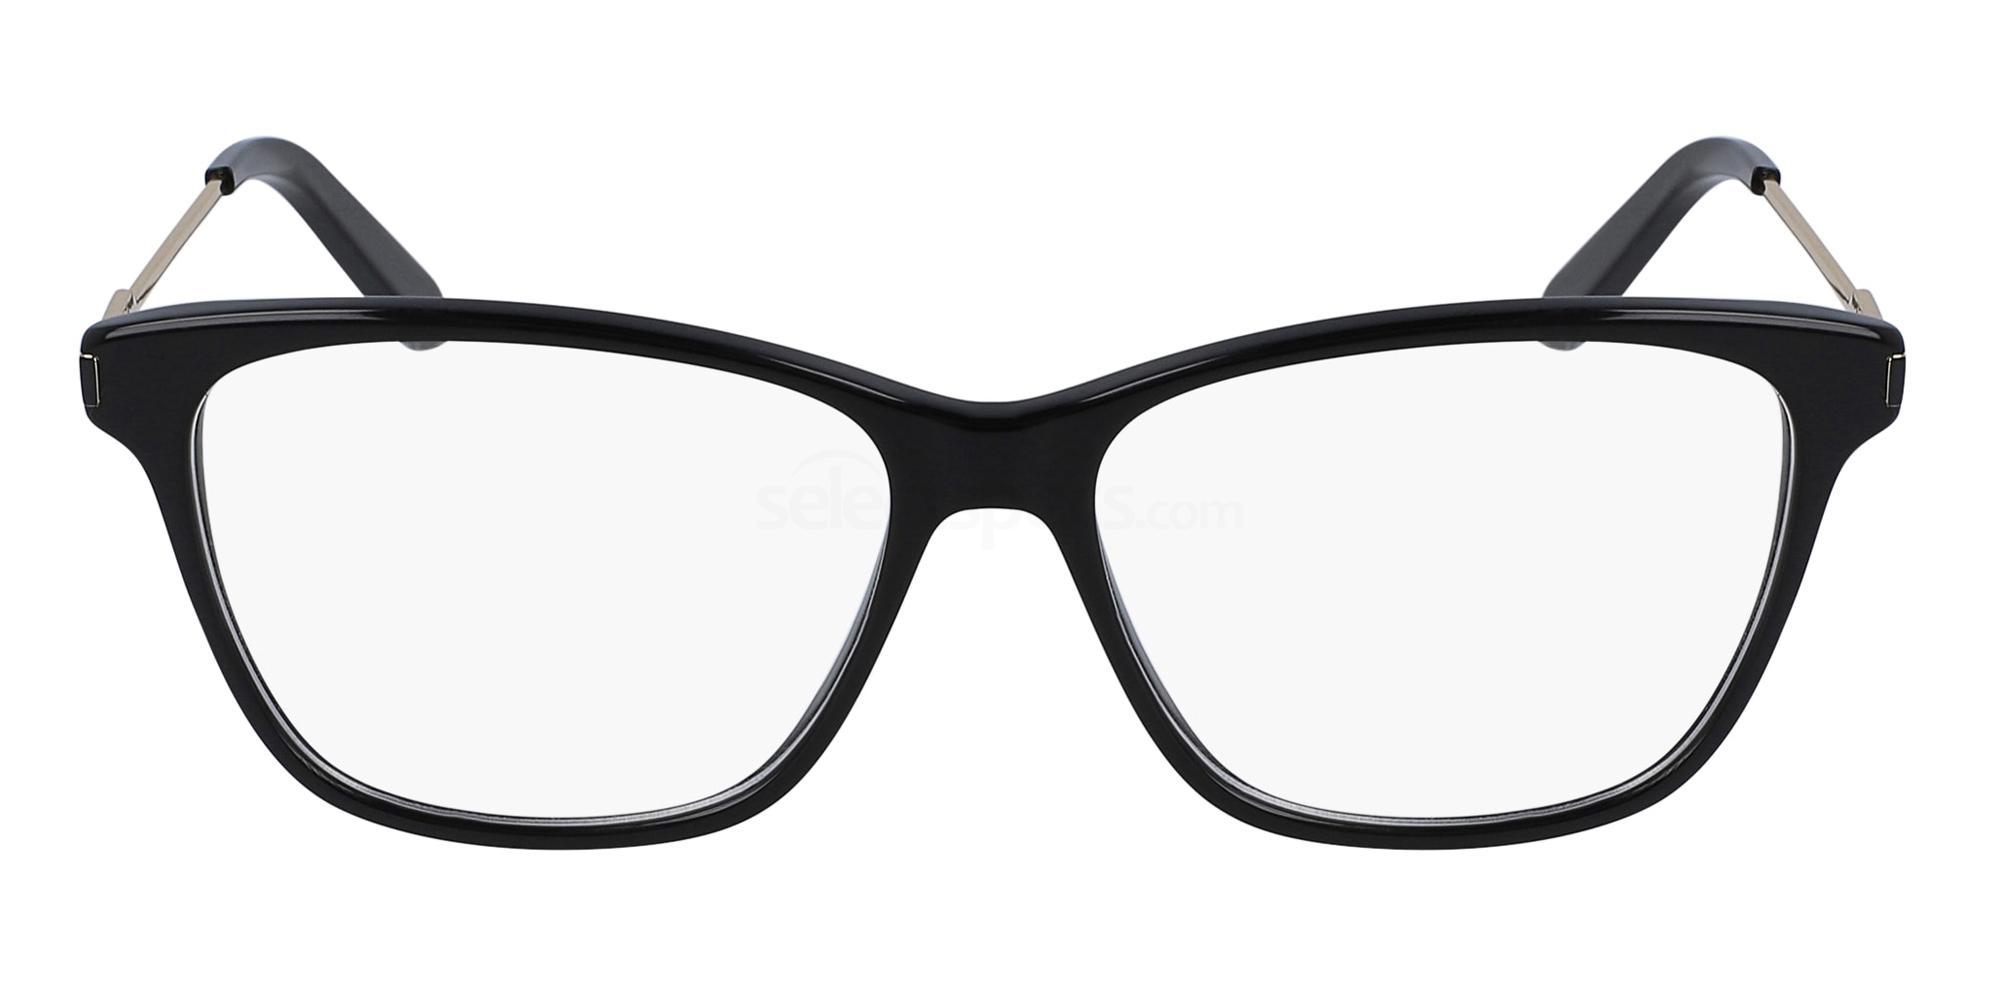 001 SF2851 Glasses, Salvatore Ferragamo